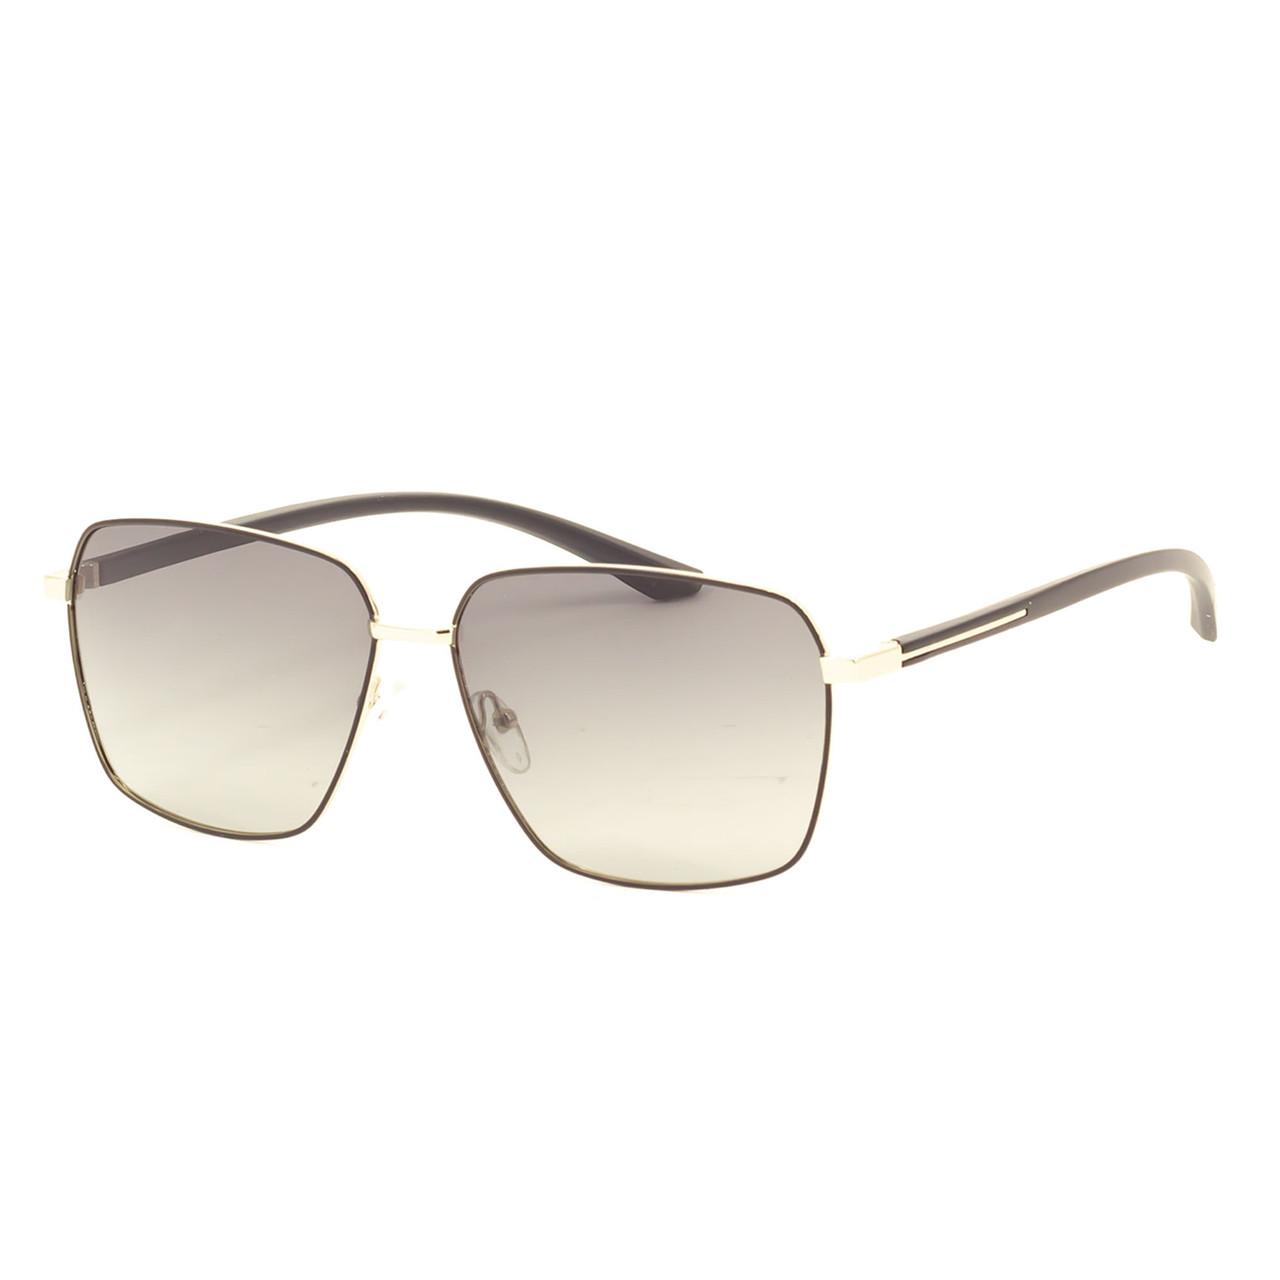 Солнцезащитные очки Marmilen Polar 20040 C2 серые    ( BA20040-02 )